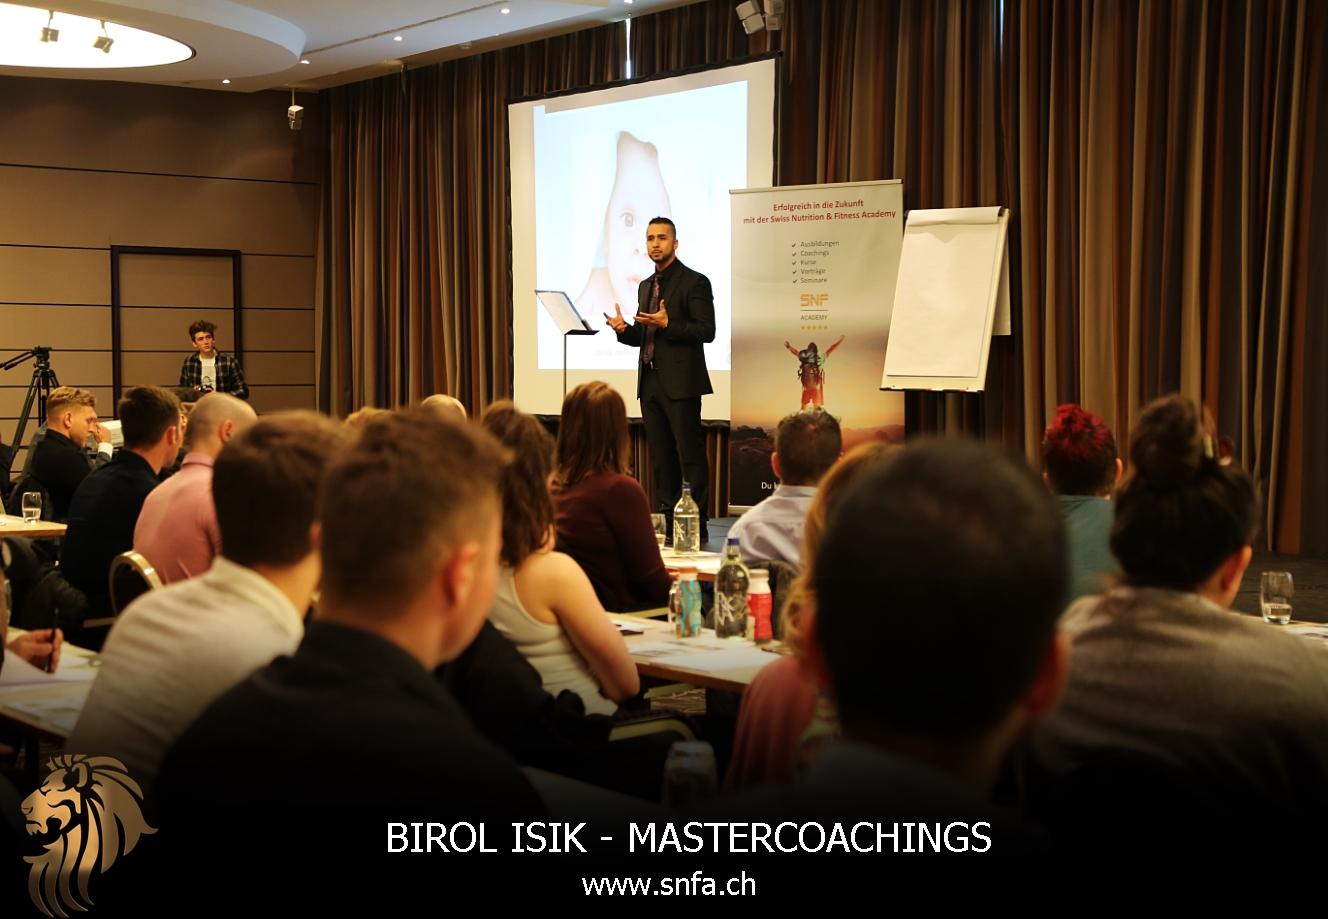 Birol Isik - Mastercoaching